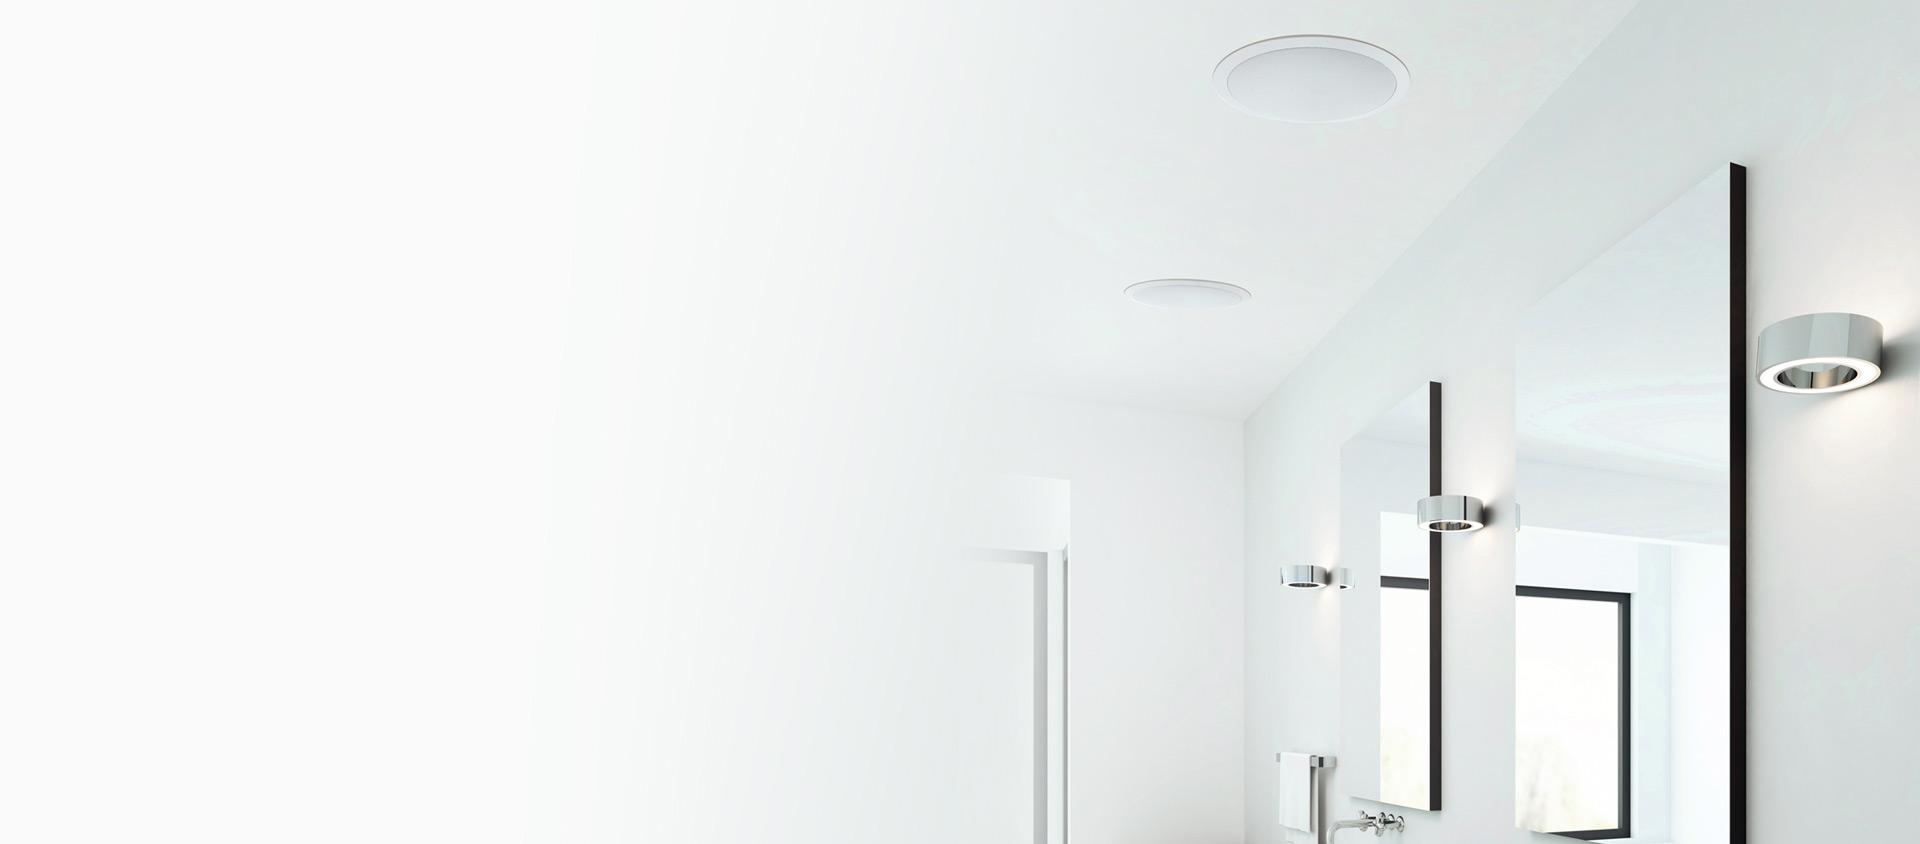 Magnat Interior Ic 62 Hochwertige Wand Und Deckeneinbaulautsprecher Fur Feuchtraume Badezimmer Geeignet Max 140 Watt 1 Stuck Weiss Magnat Onlineshop